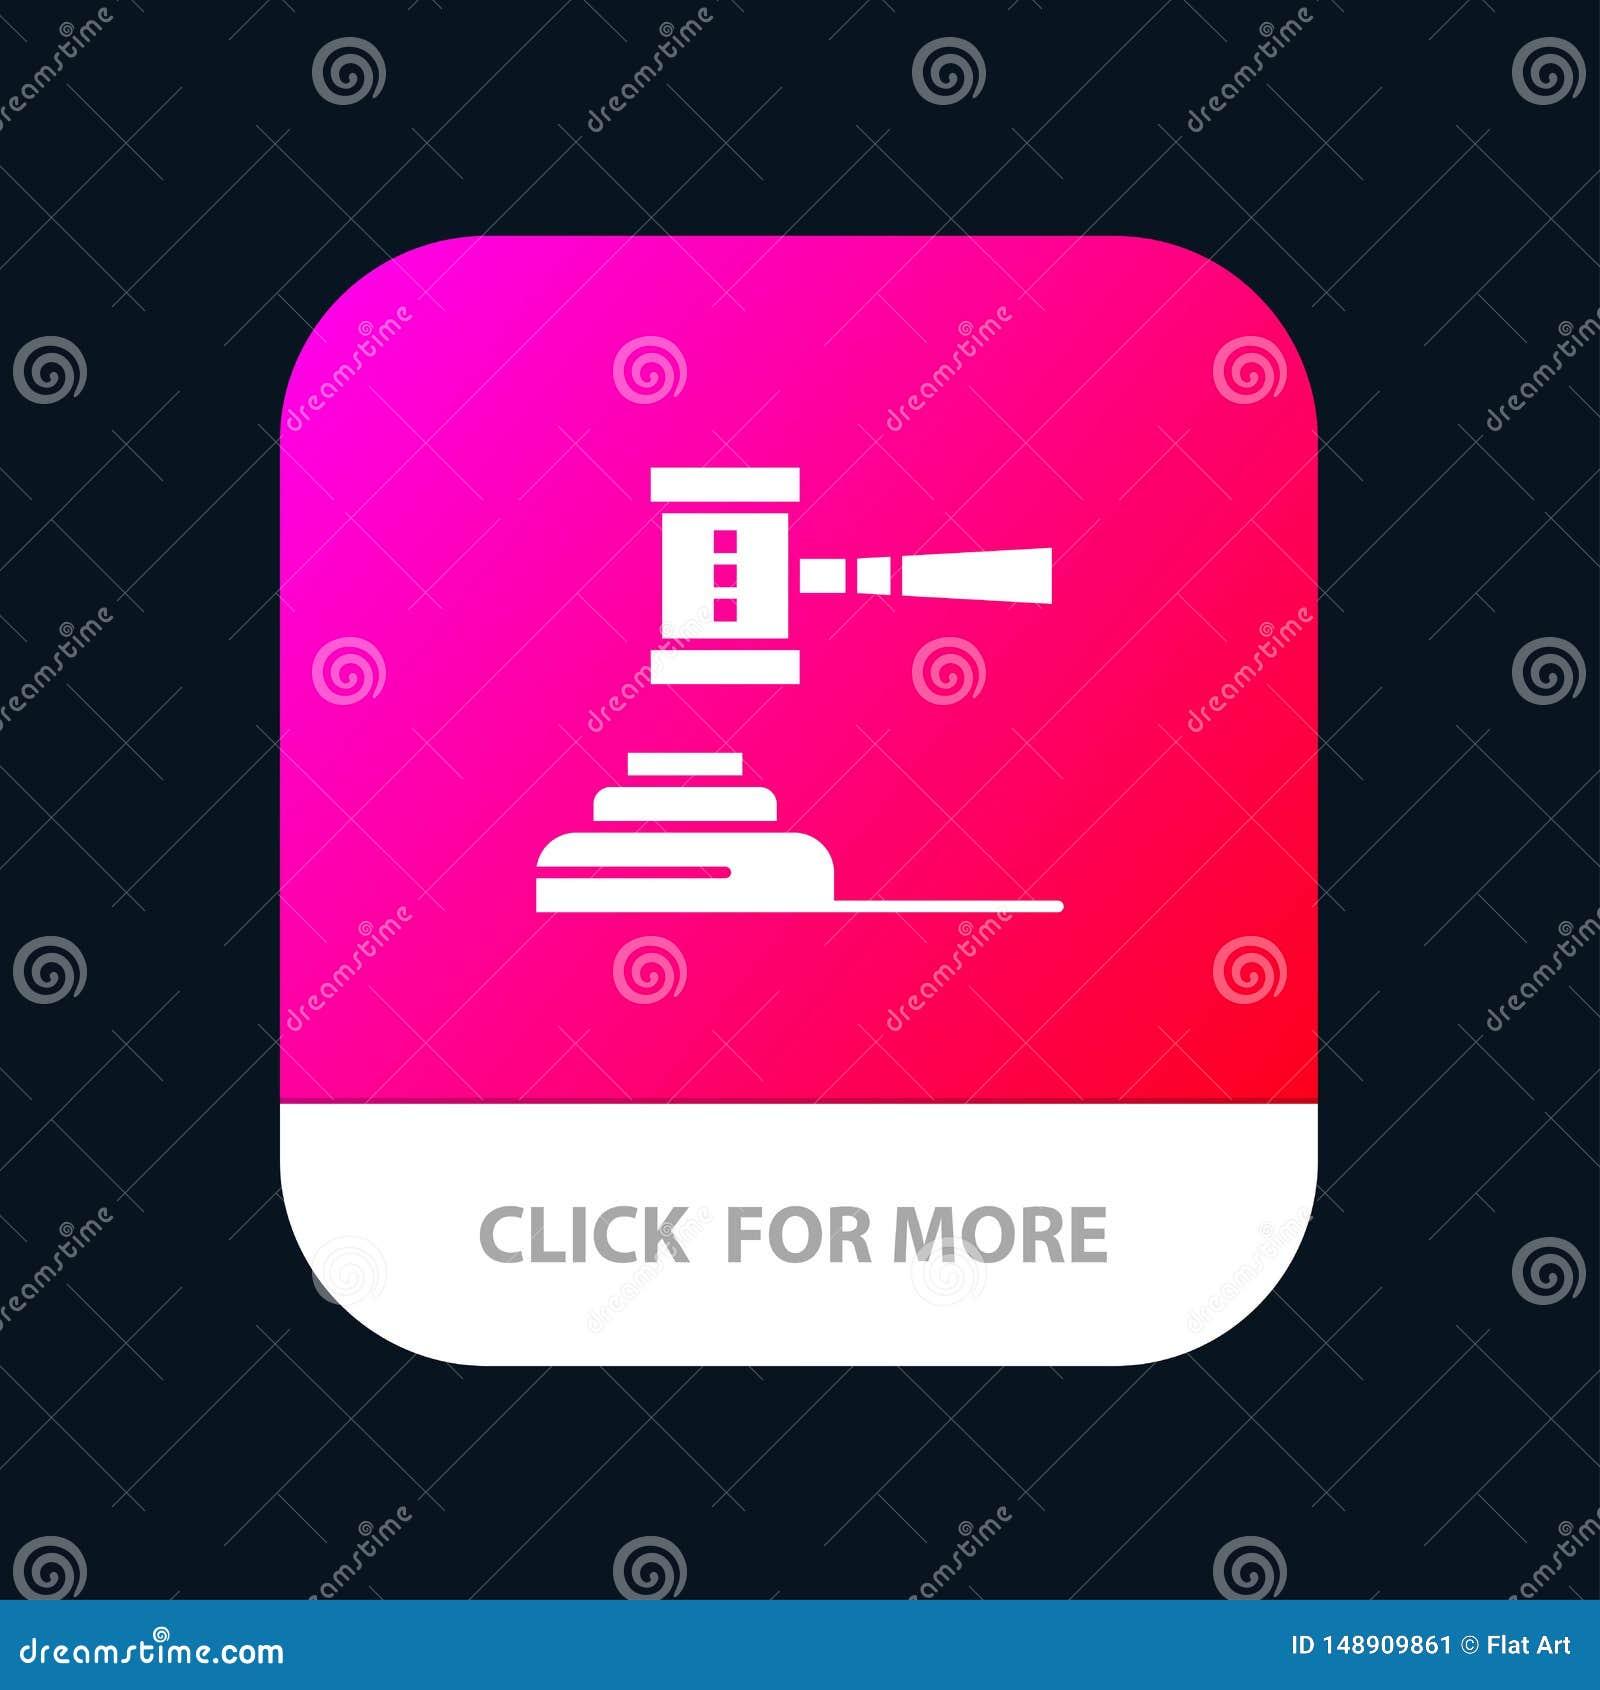 Ley, acción, subasta, corte, mazo, martillo, juez, botón móvil legal del App Android y versión del Glyph del IOS